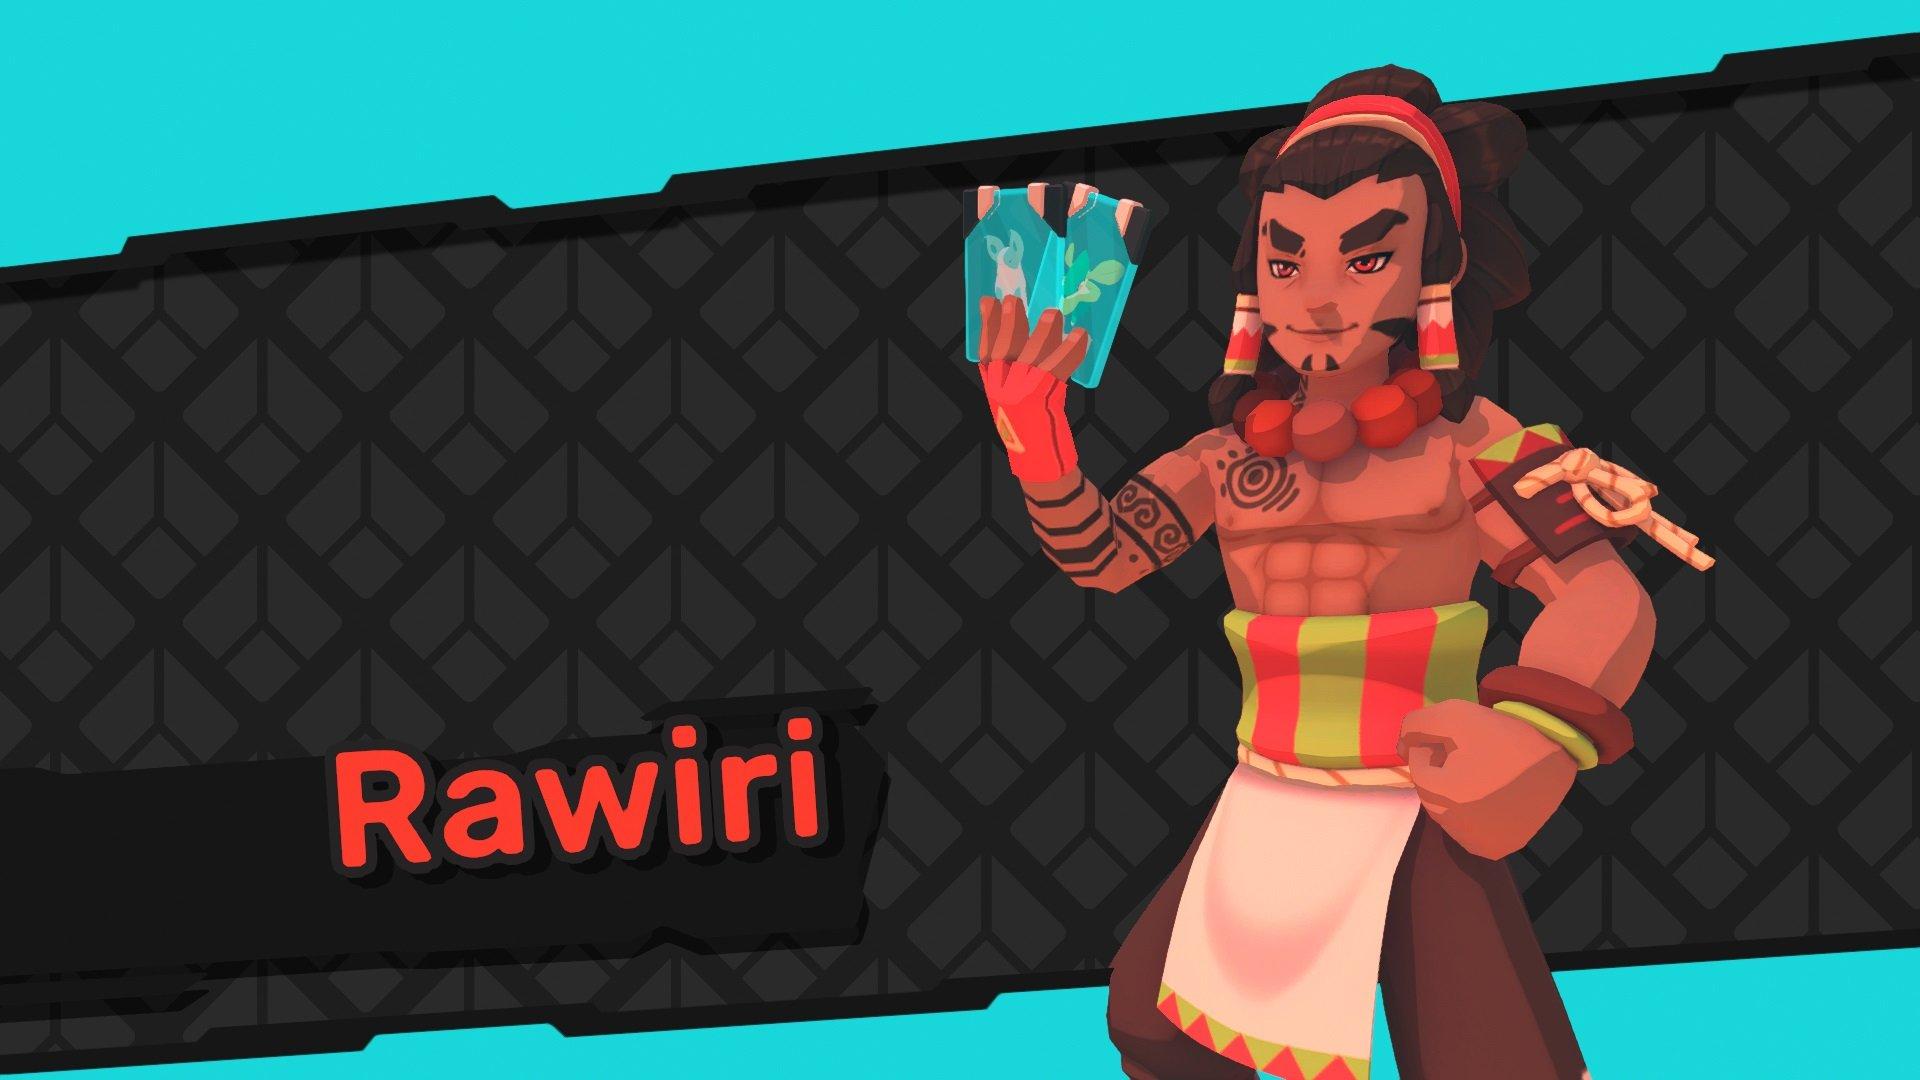 How to beat Rawiri in Temtem